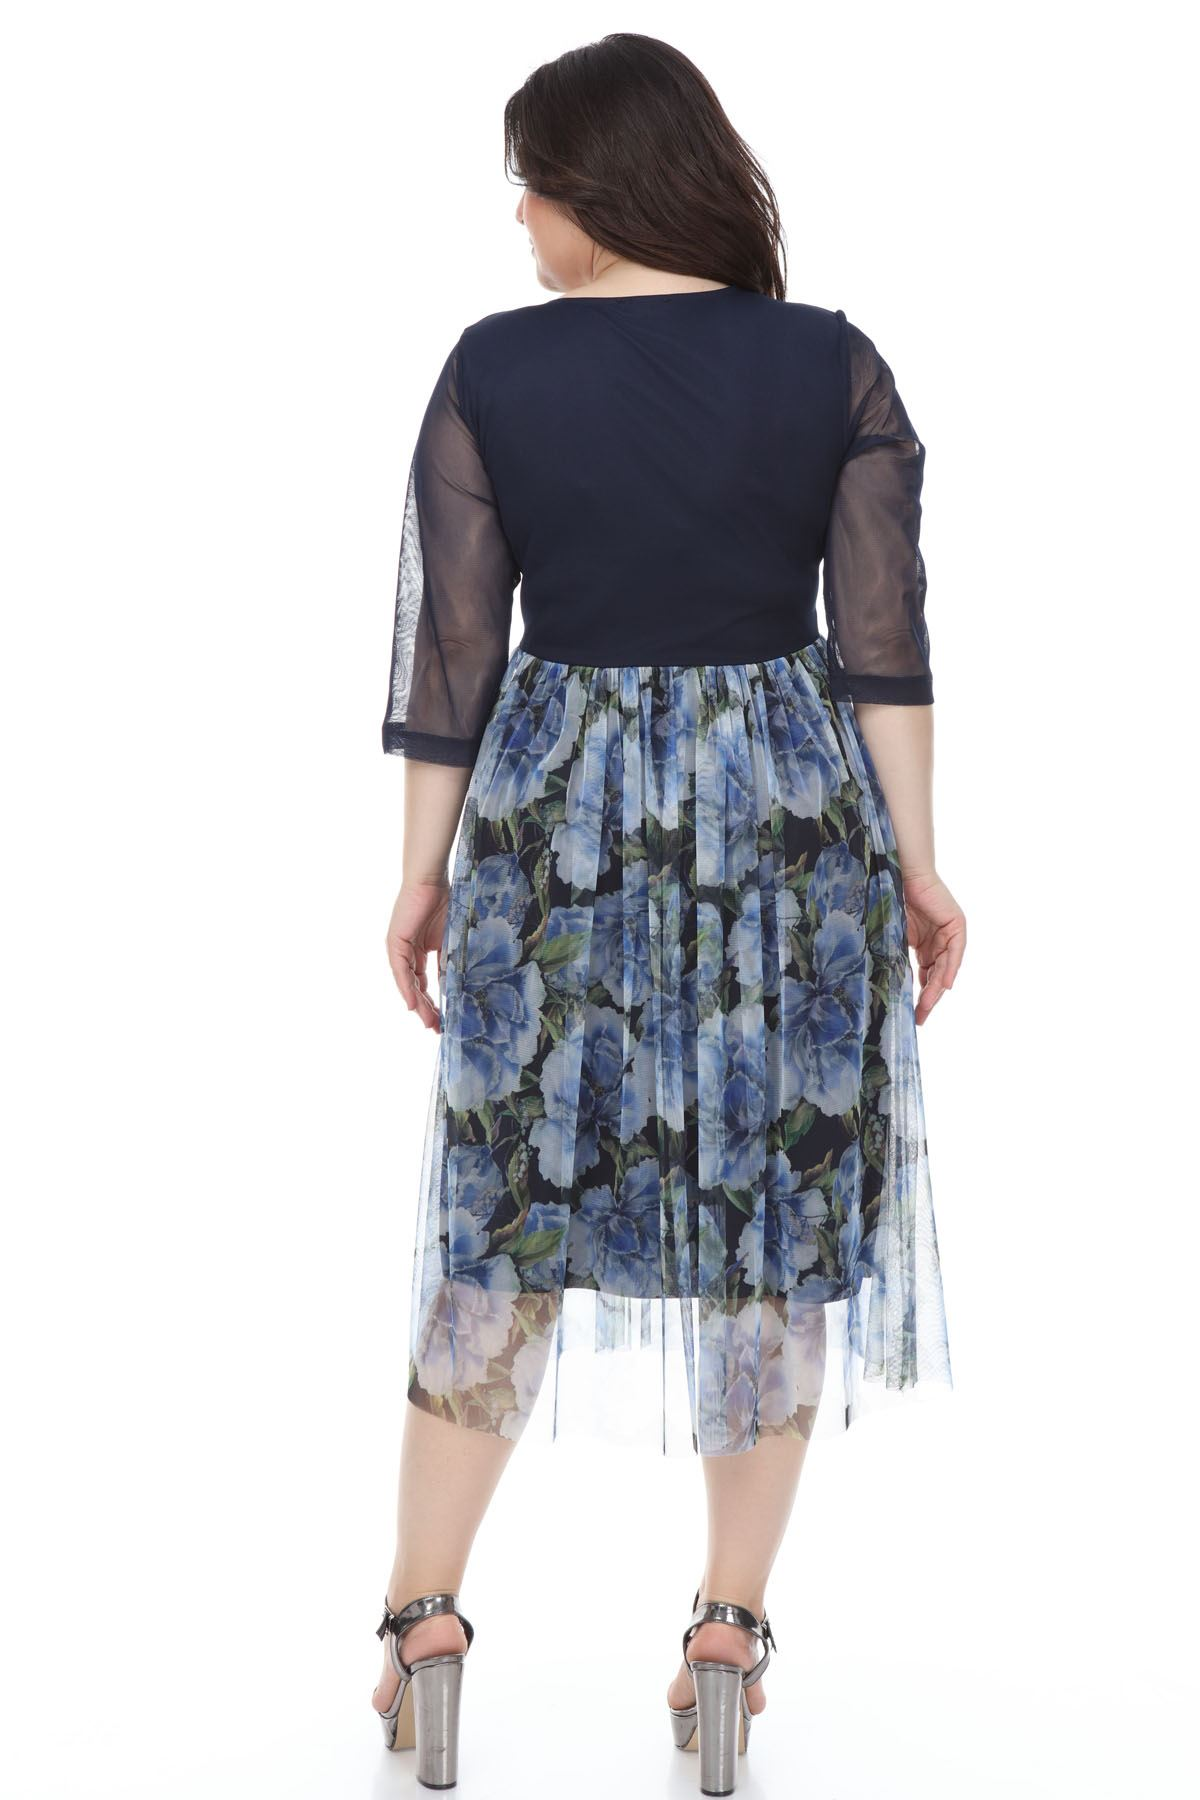 Lacivert Şifon Büyük Beden Elbise G3-1101